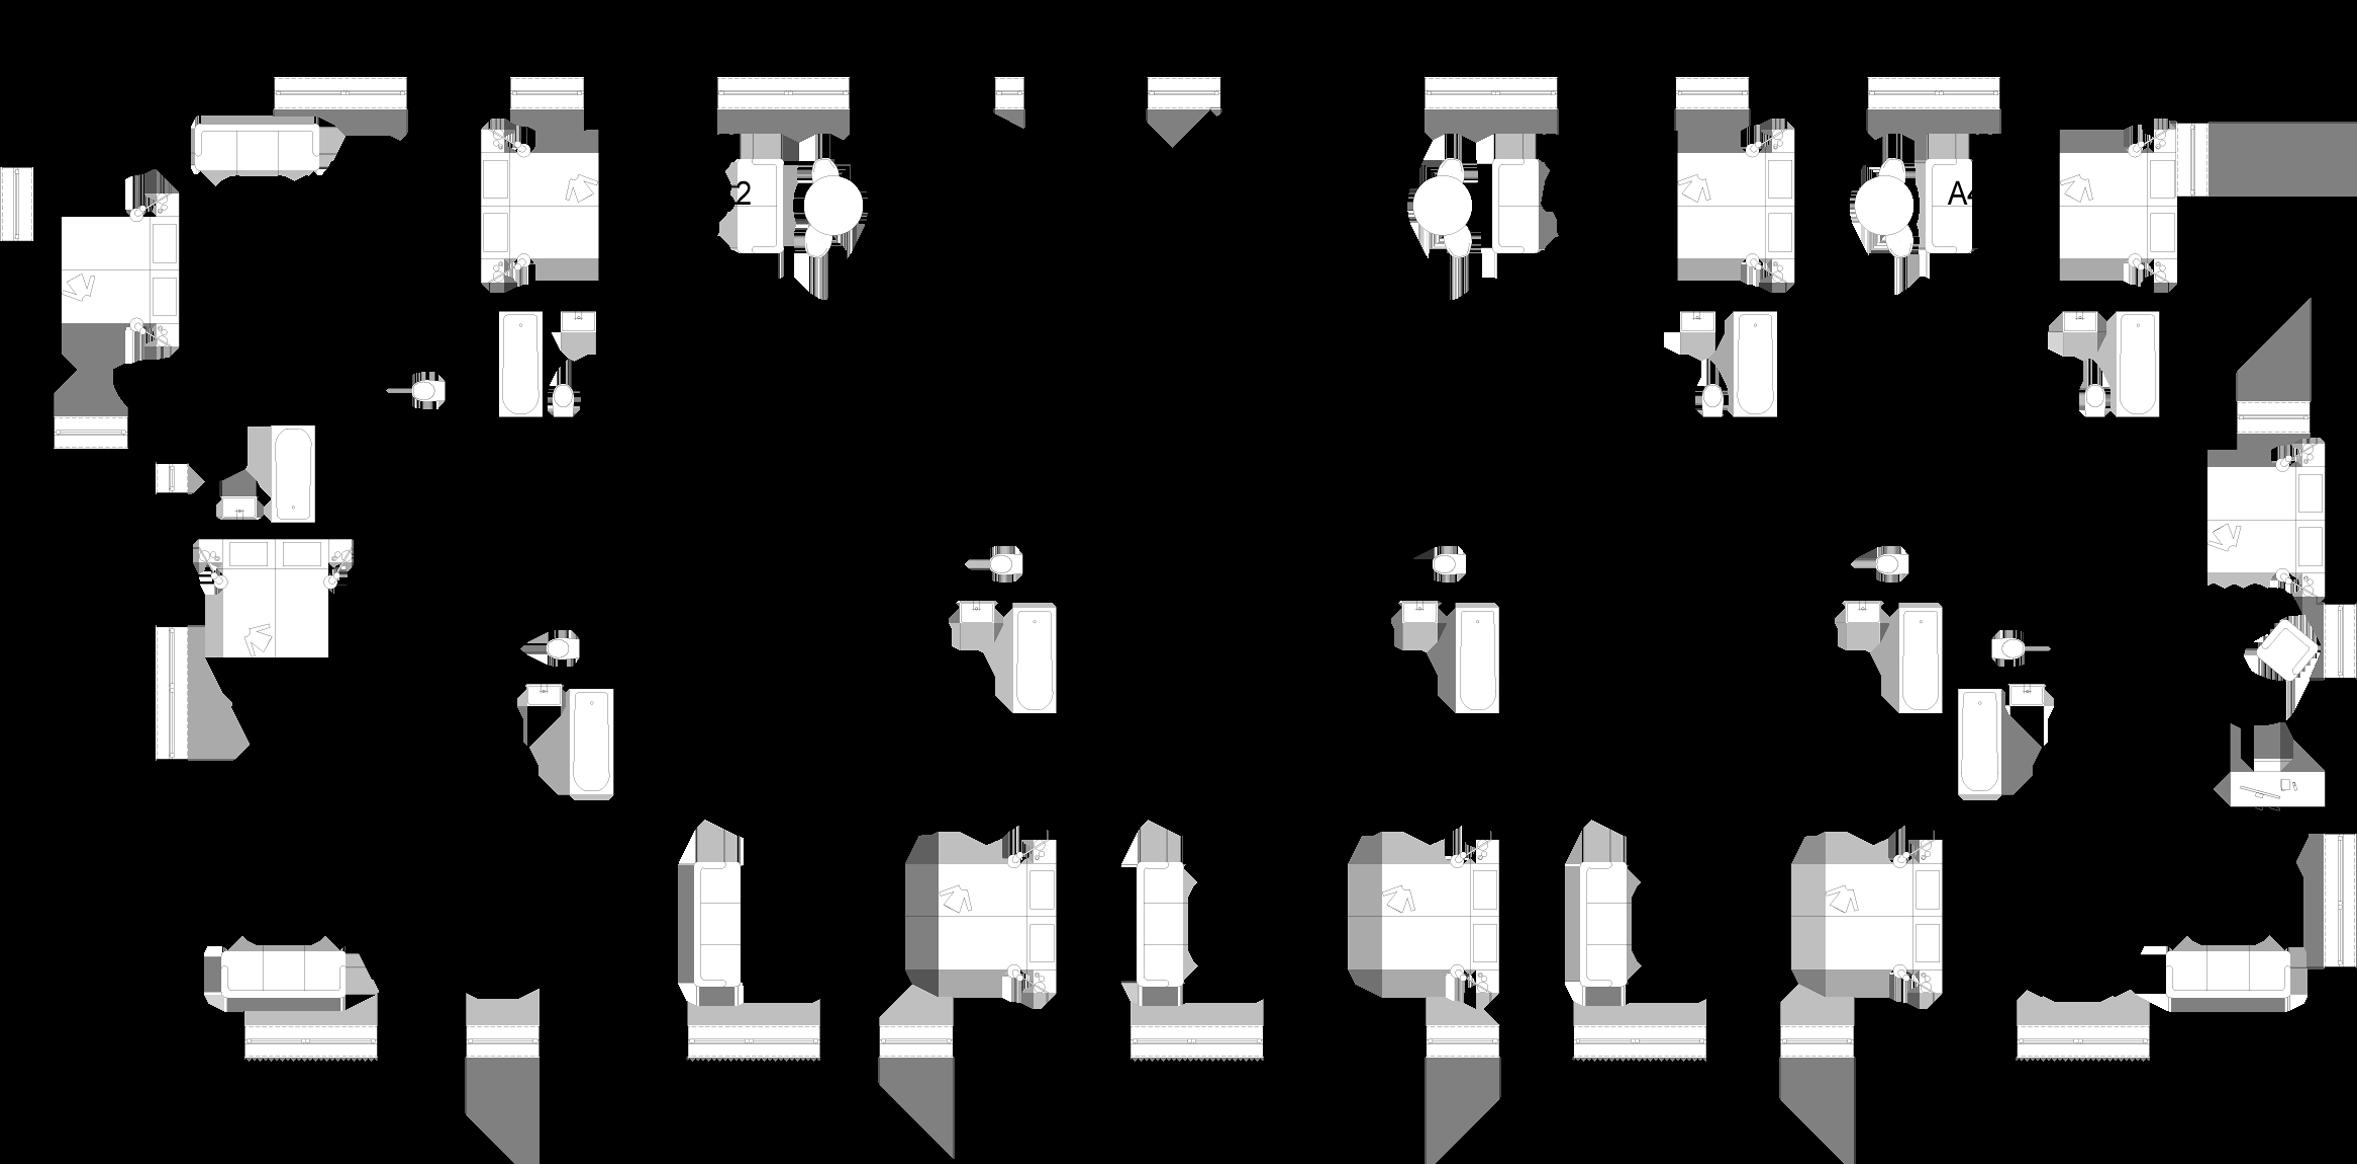 SO-01.A4 – 2. NP